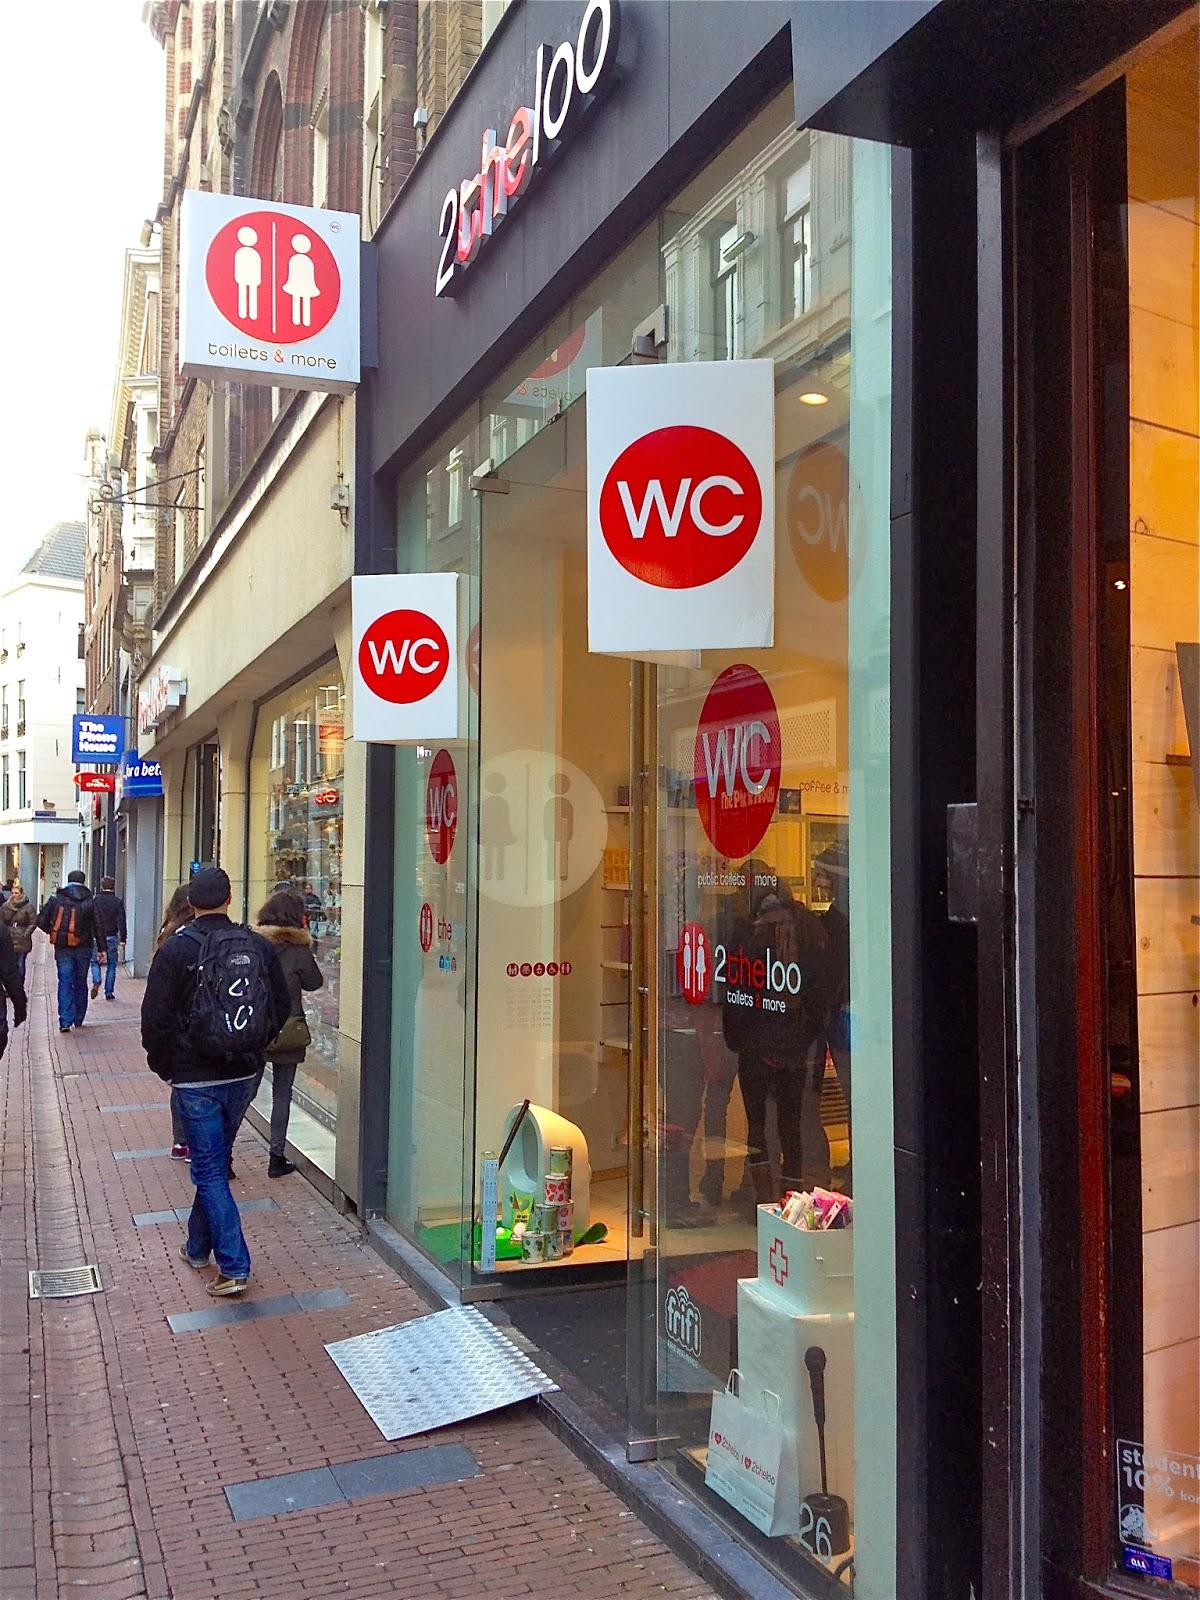 2theloo in Kalverstraat, Amsterdam.